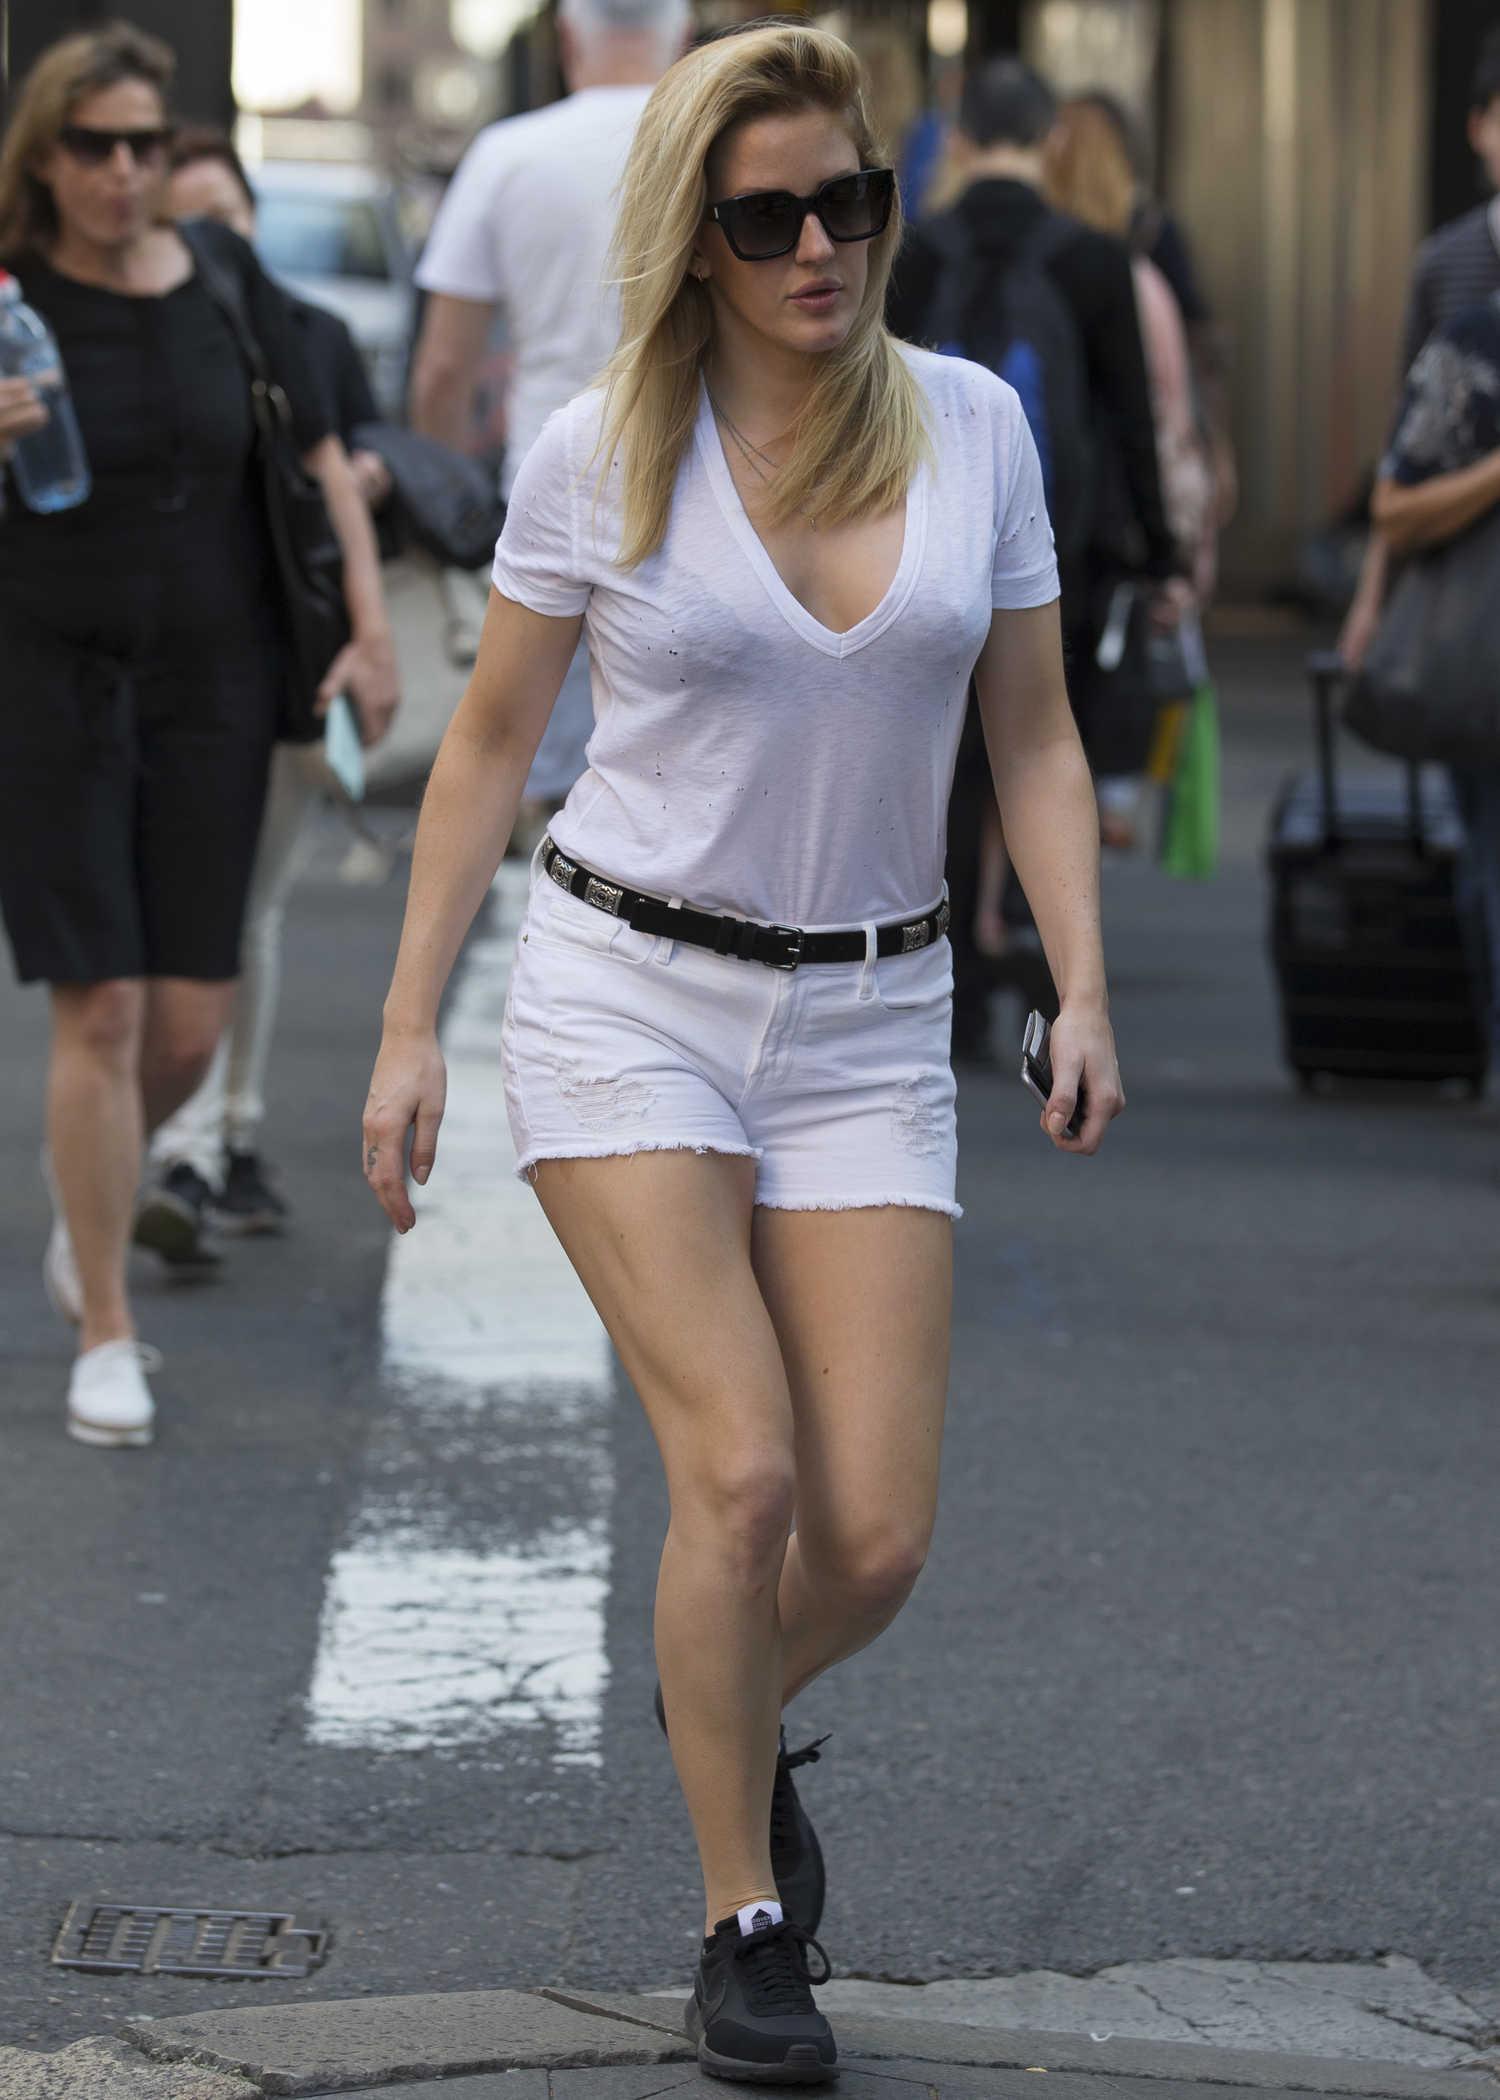 Ellie goulding dating in Sydney